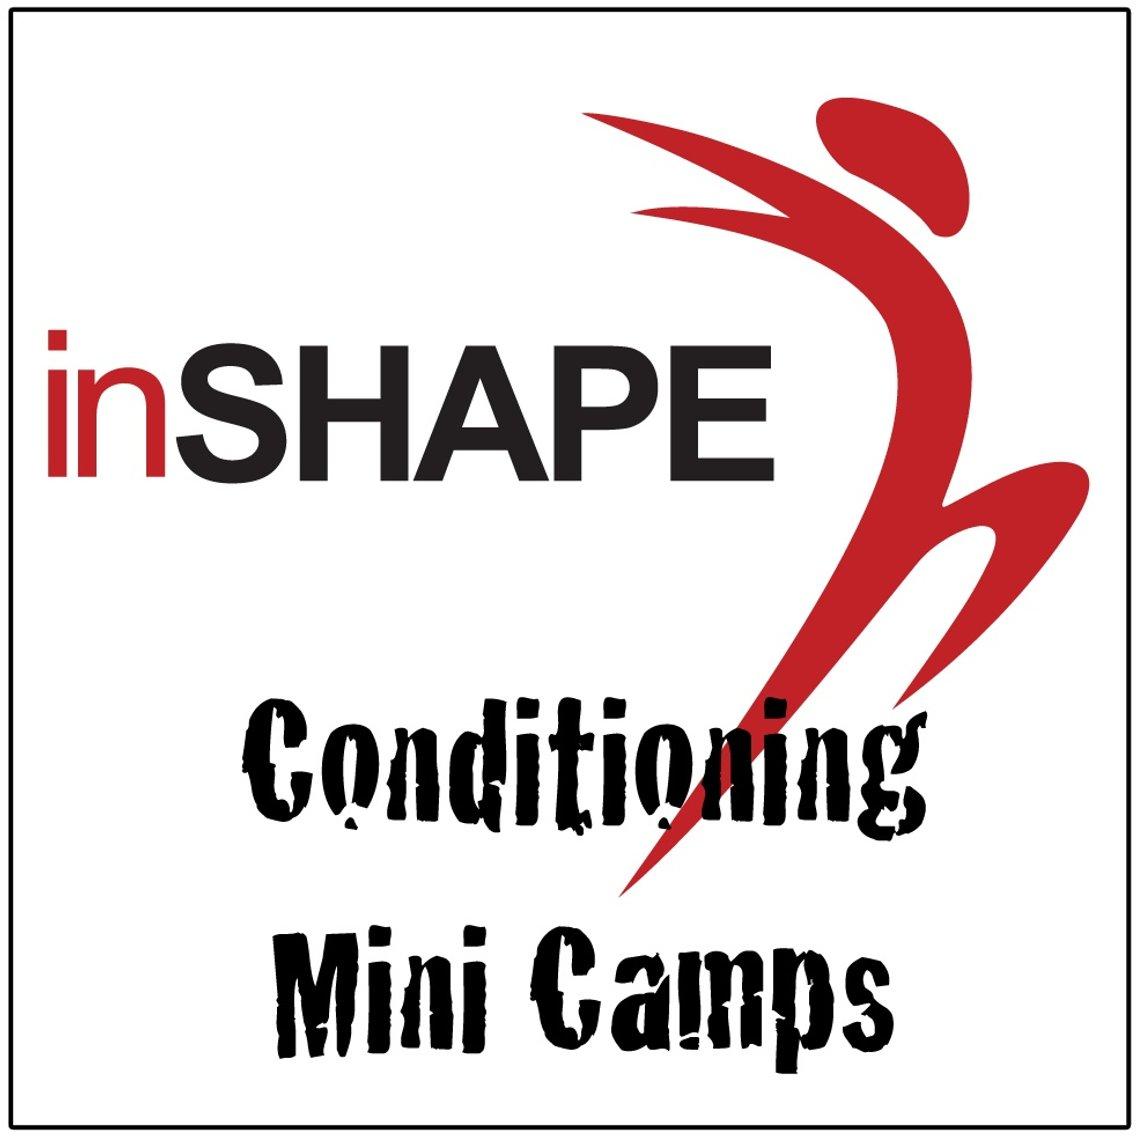 Conditioning Mini Camps - imagen de portada